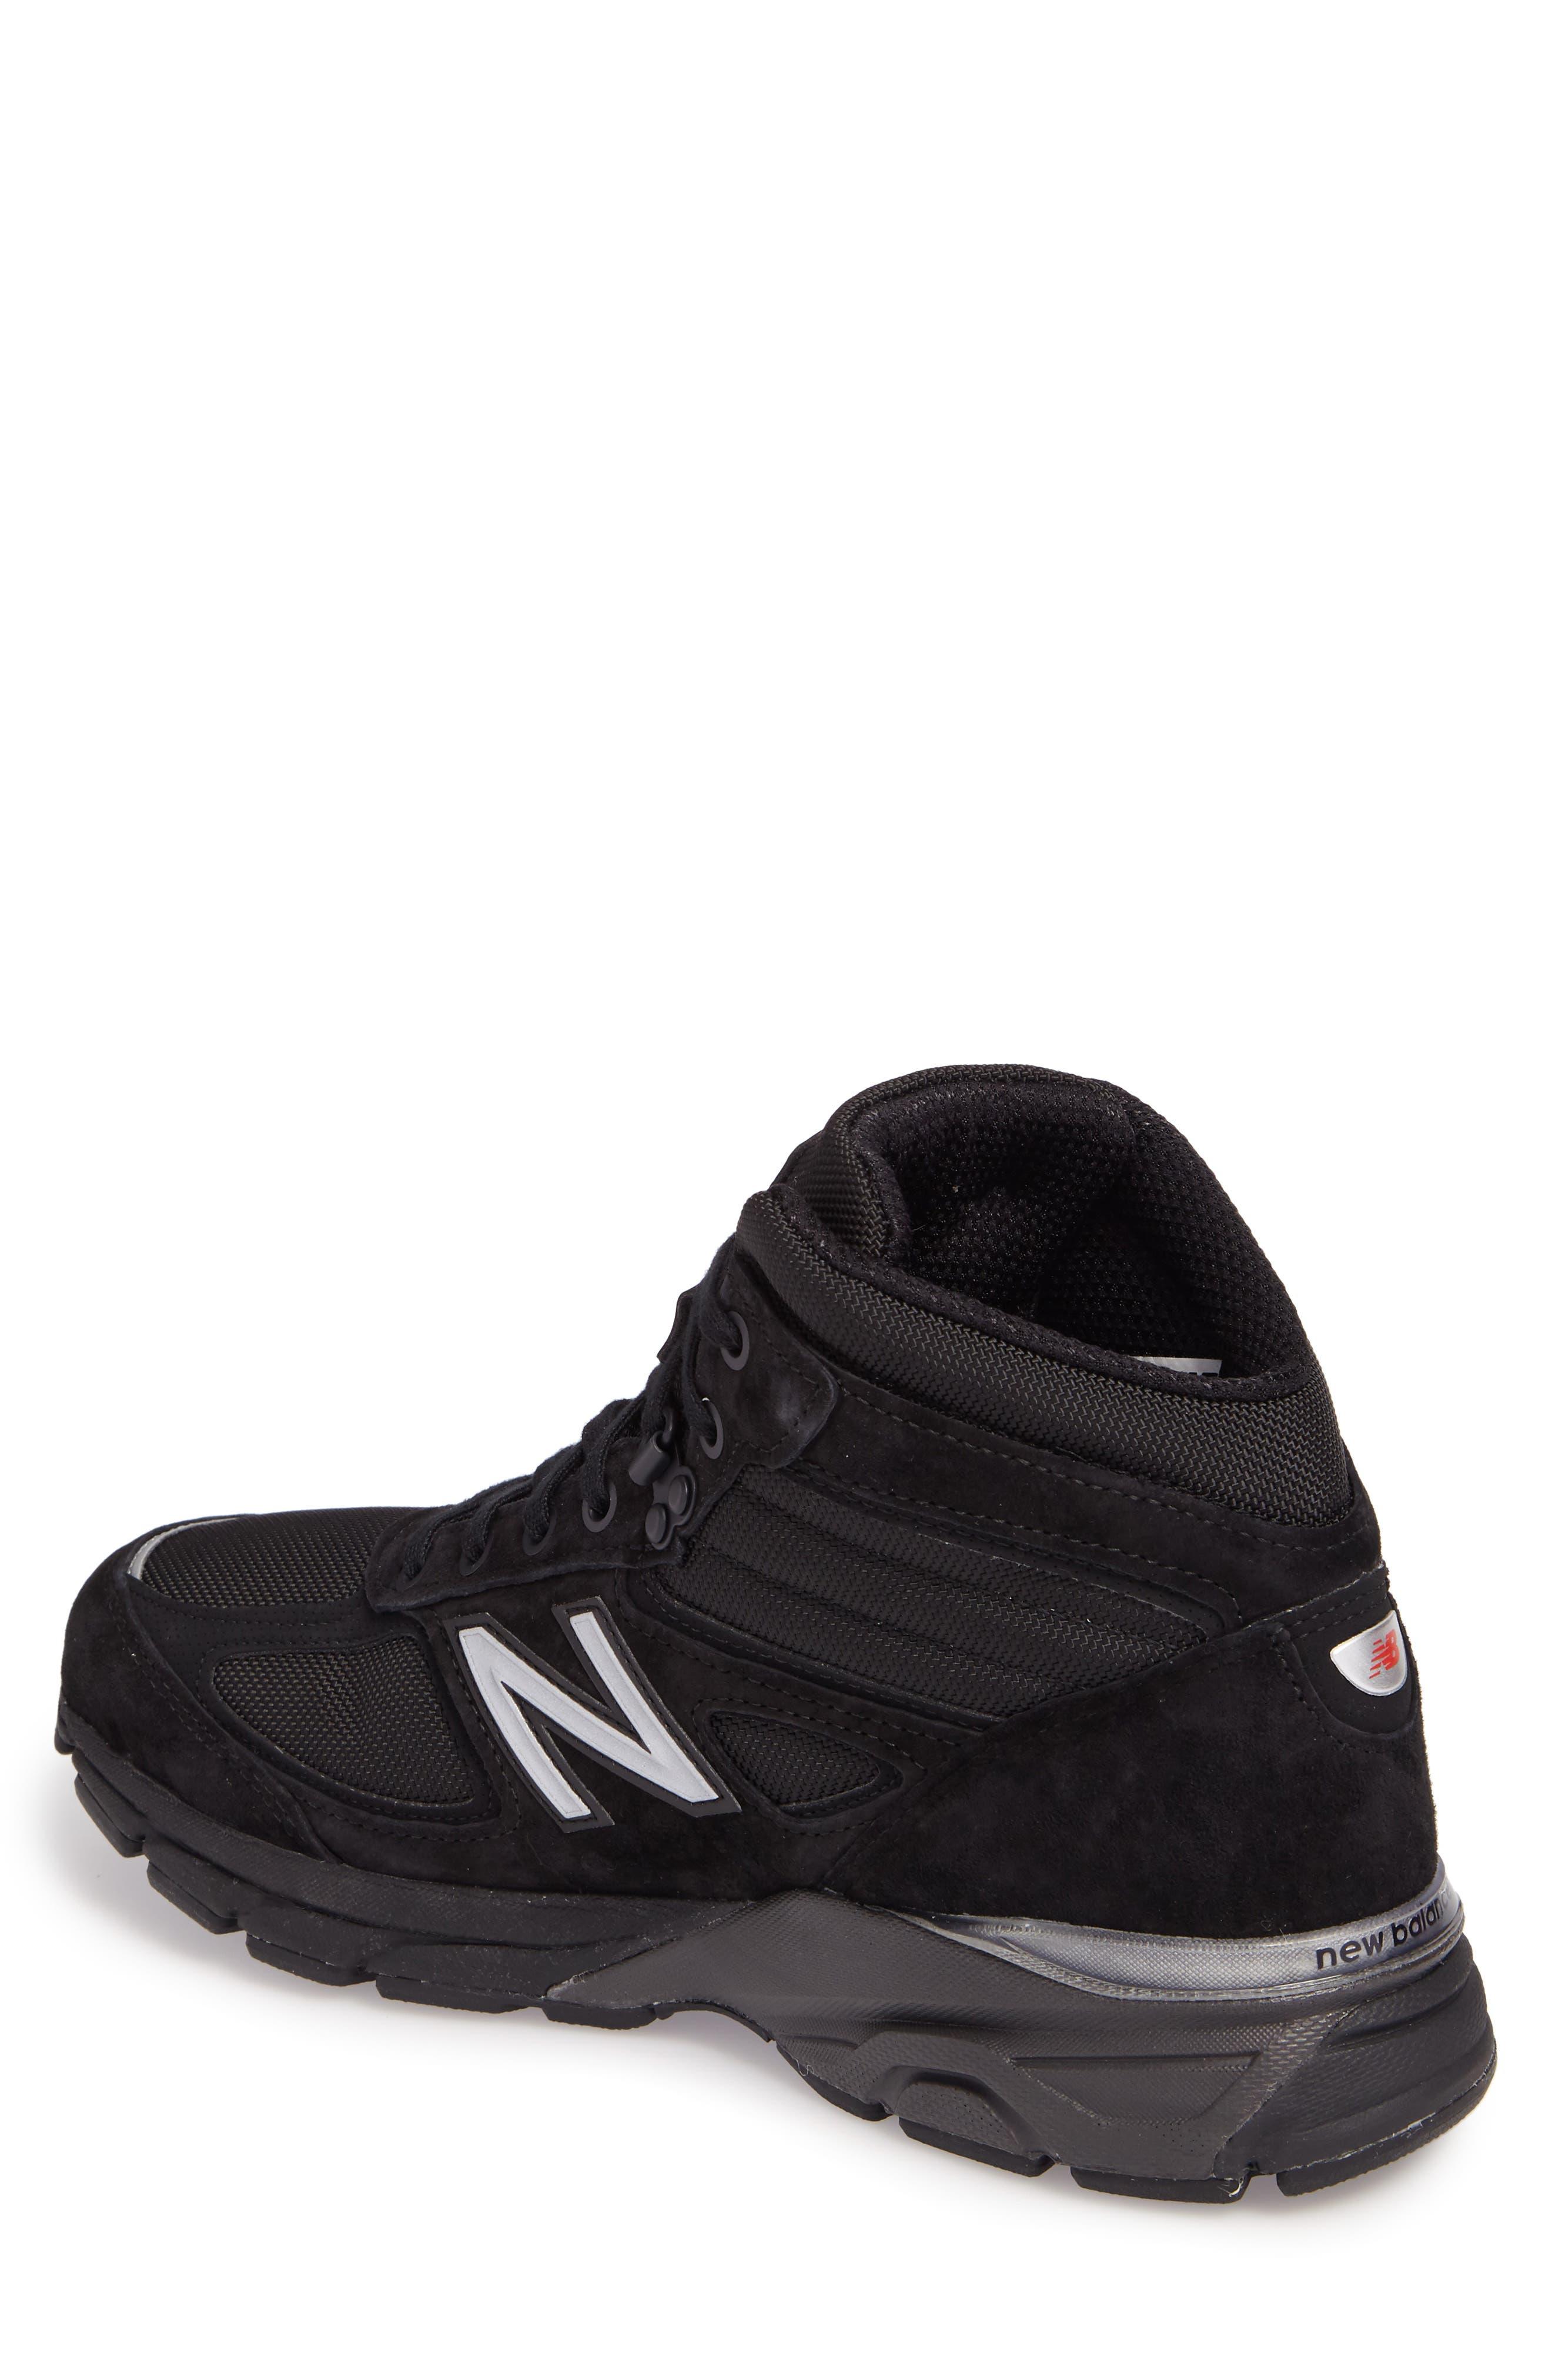 Alternate Image 2  - New Balance 990v4 Water Resistant Sneaker Boot (Men)